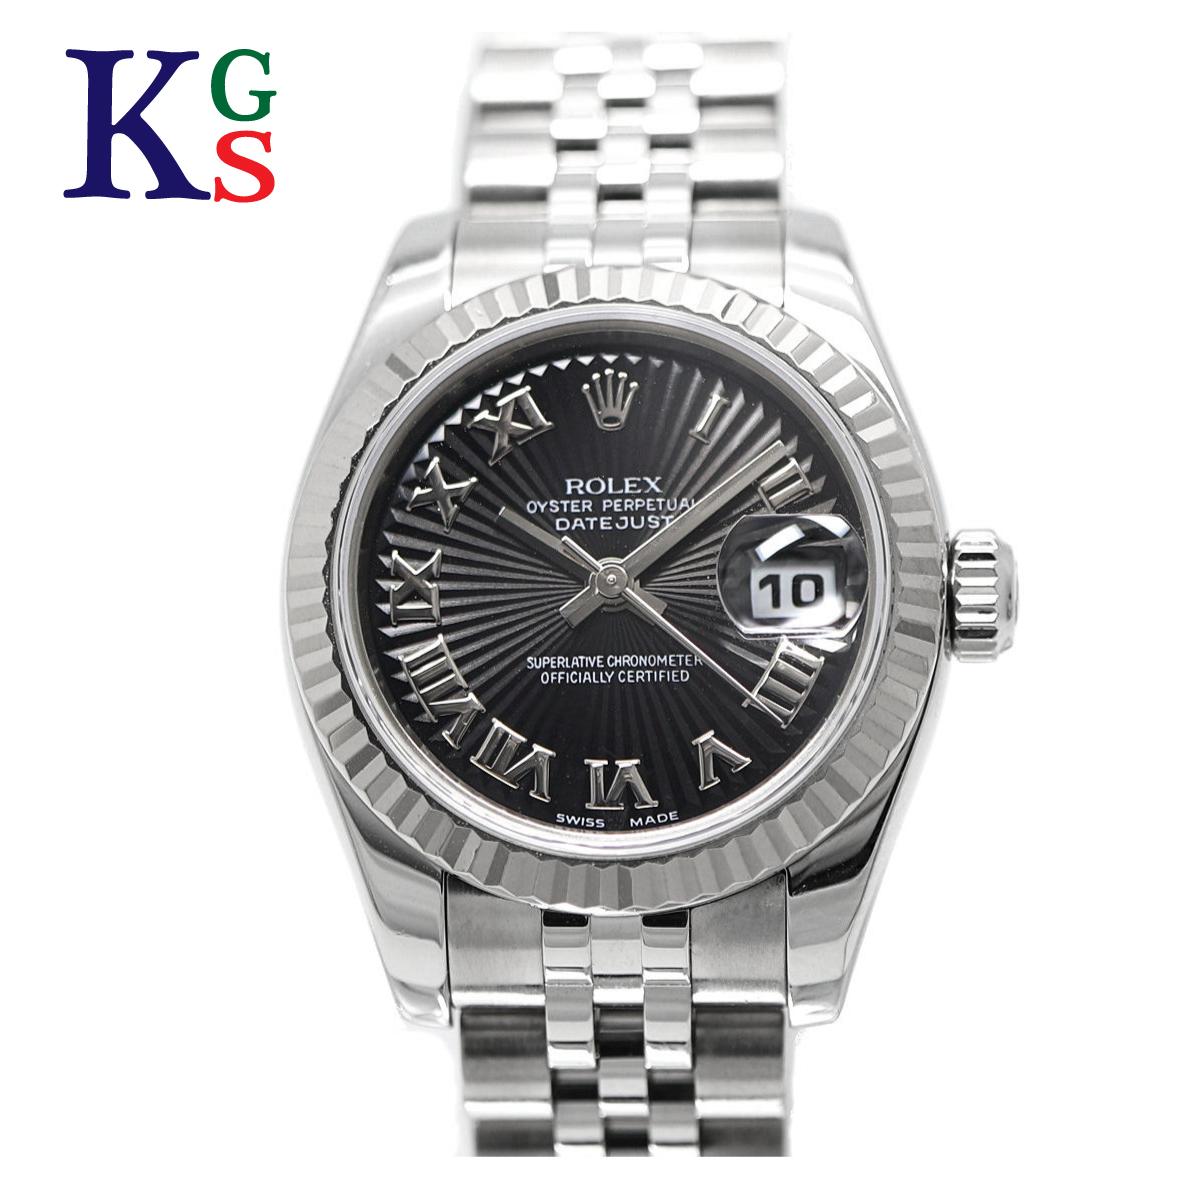 【ギフト品質】ロレックス/ROLEX レディース 腕時計 デイトジャスト ブラックローマン サンビーム レディース K18WG×SS 179174